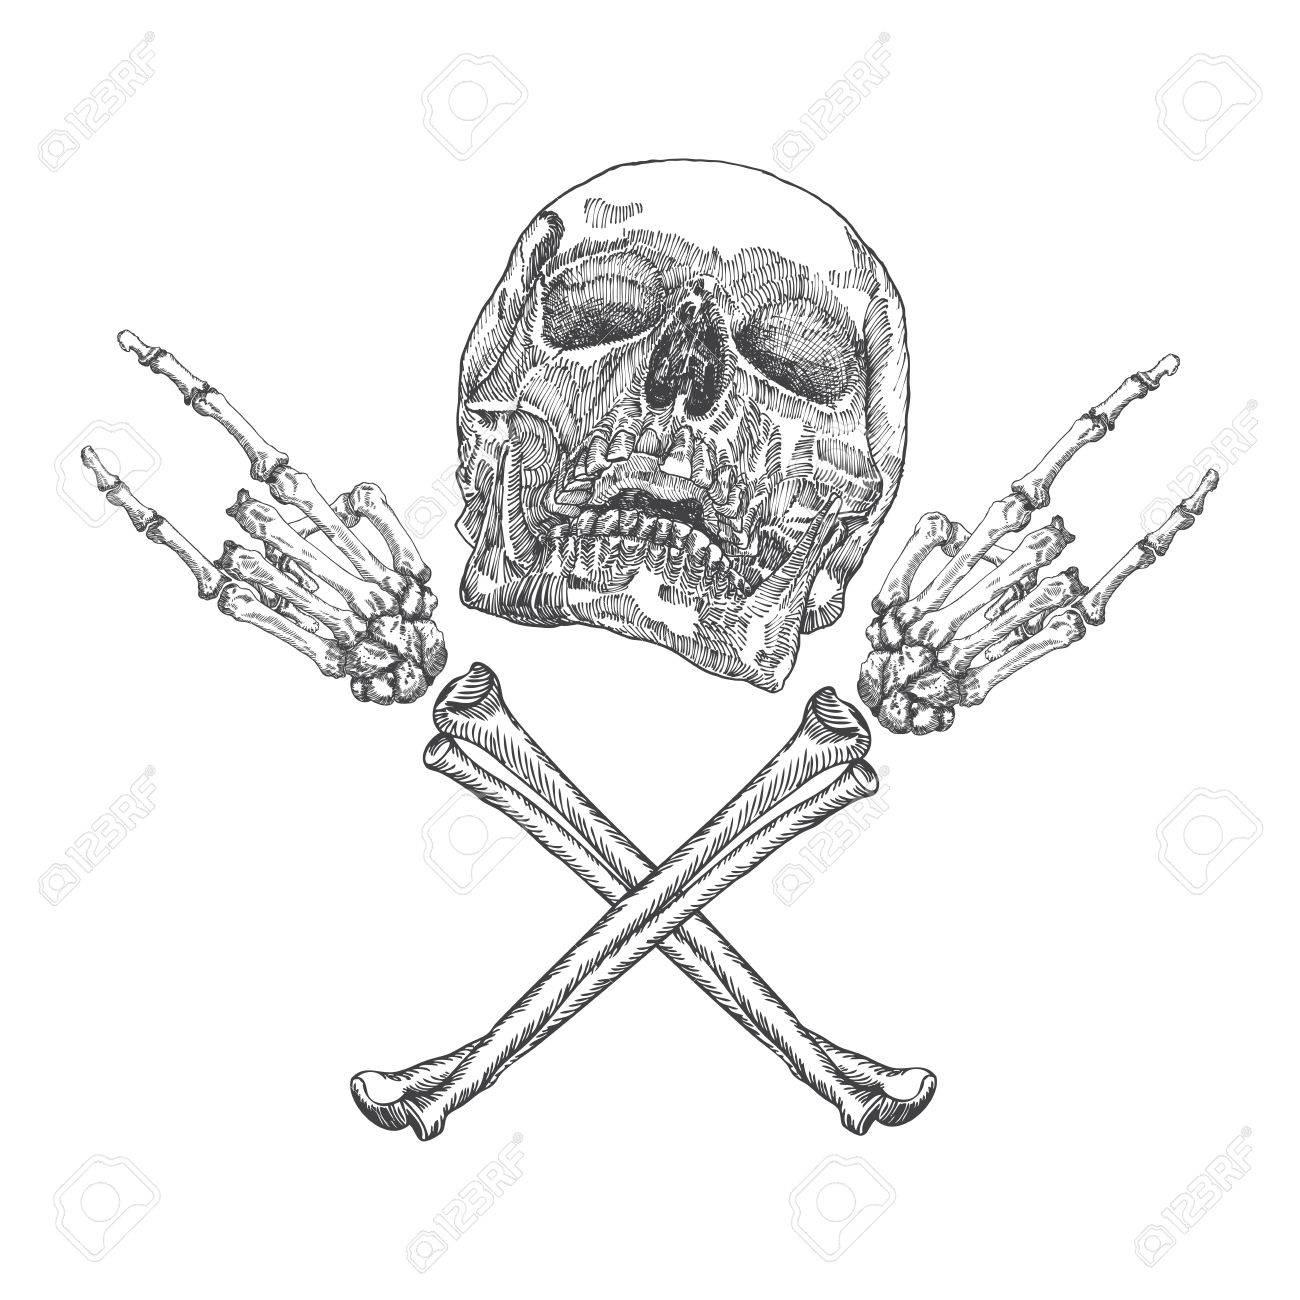 1300x1300 Skull And Crossbones Hands With Gesture Of Heavy Metal, Rock